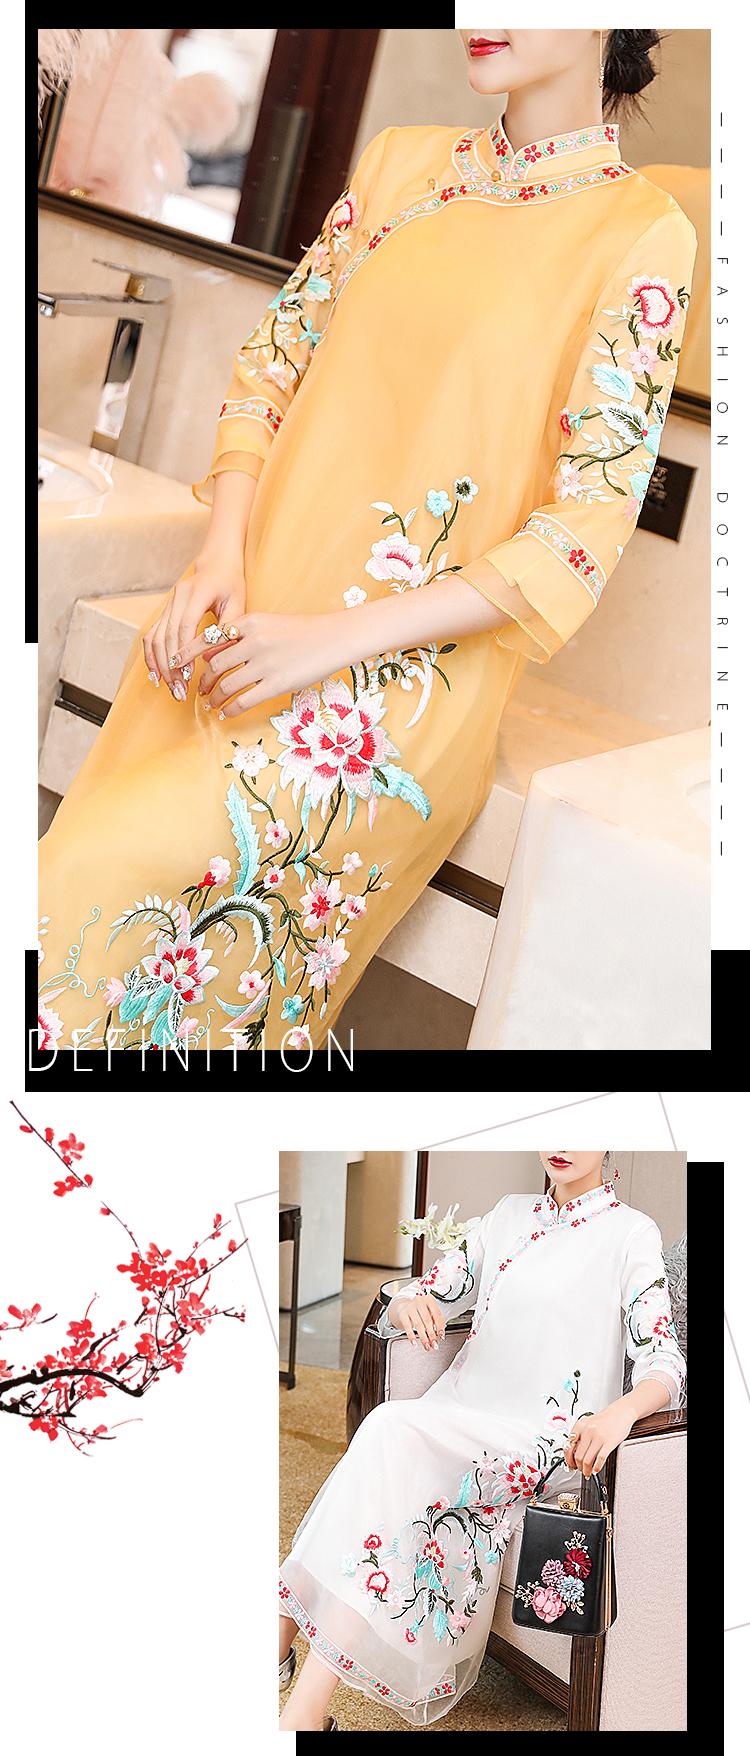 旗袍年新款中国风夏装女大尺码长版復古气质改良版民族风洋装详细照片